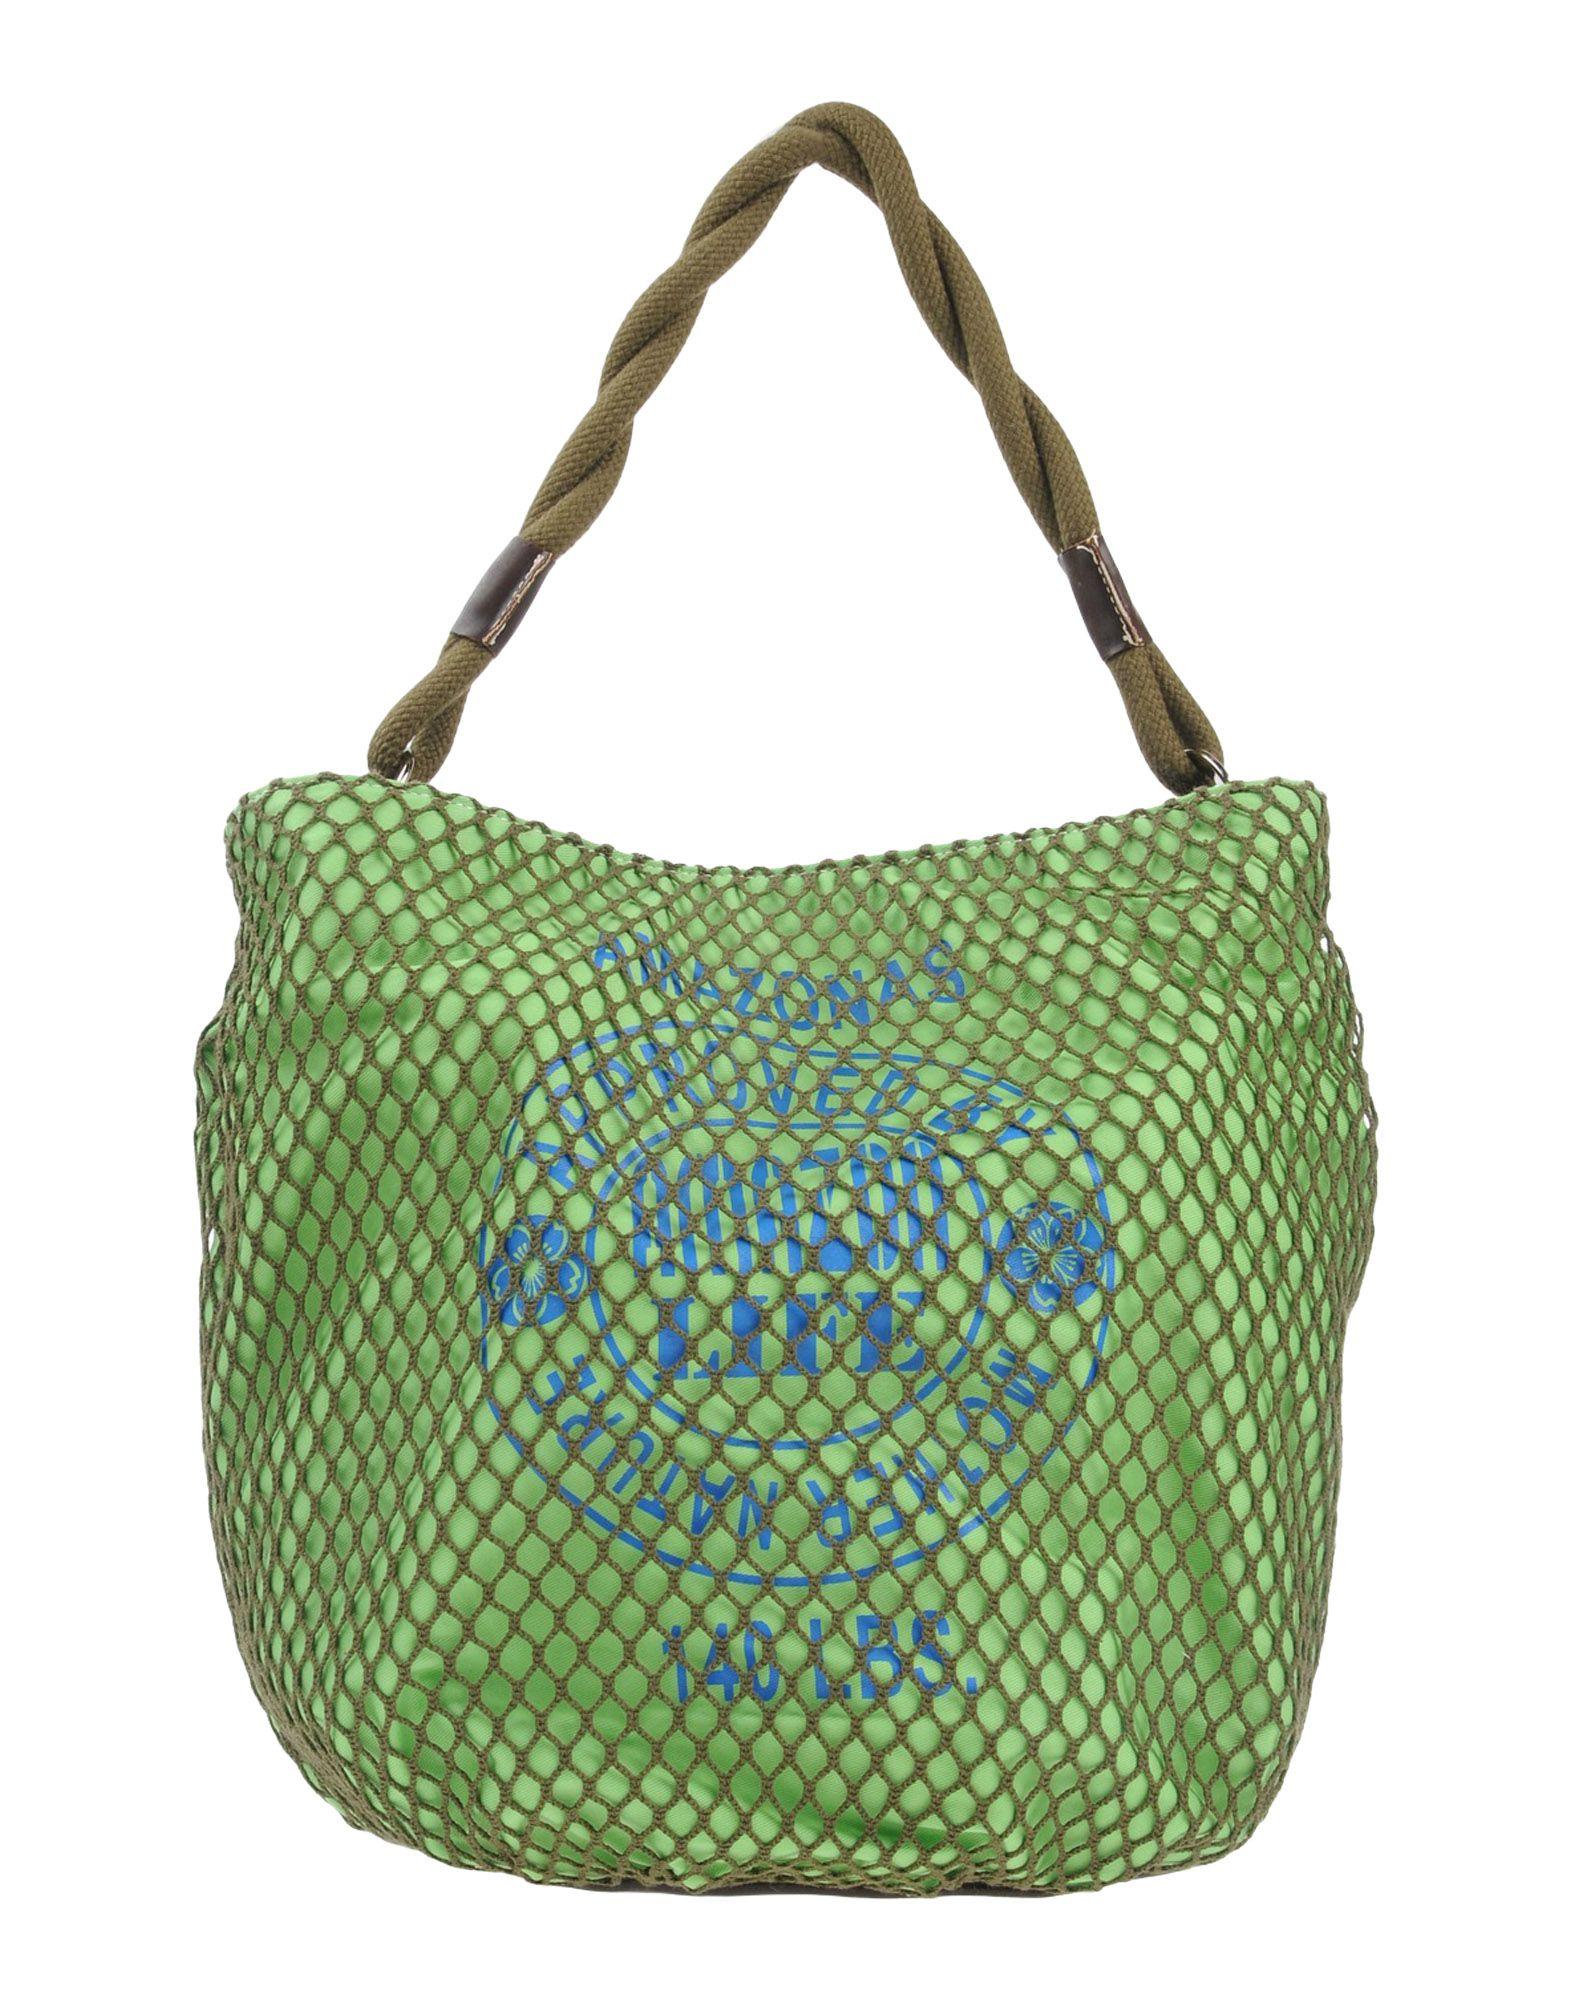 AMAZONLIFE® Сумка на руку richmond сумка на руку